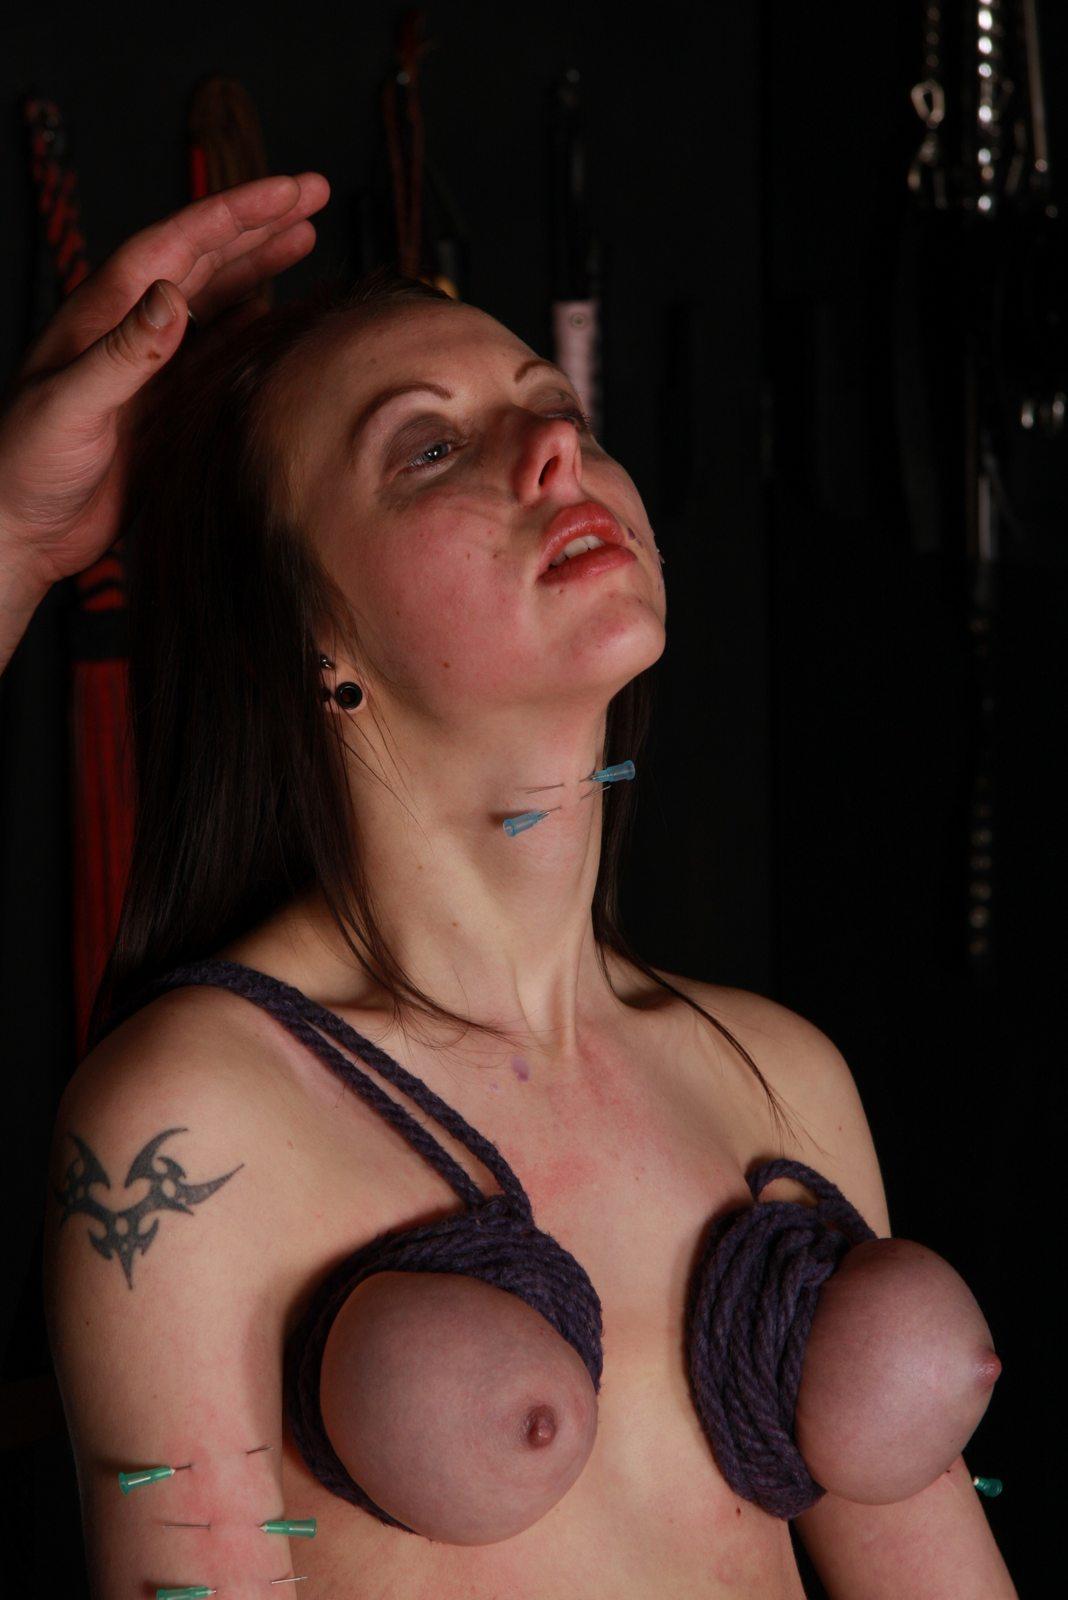 фото пытки женщин током